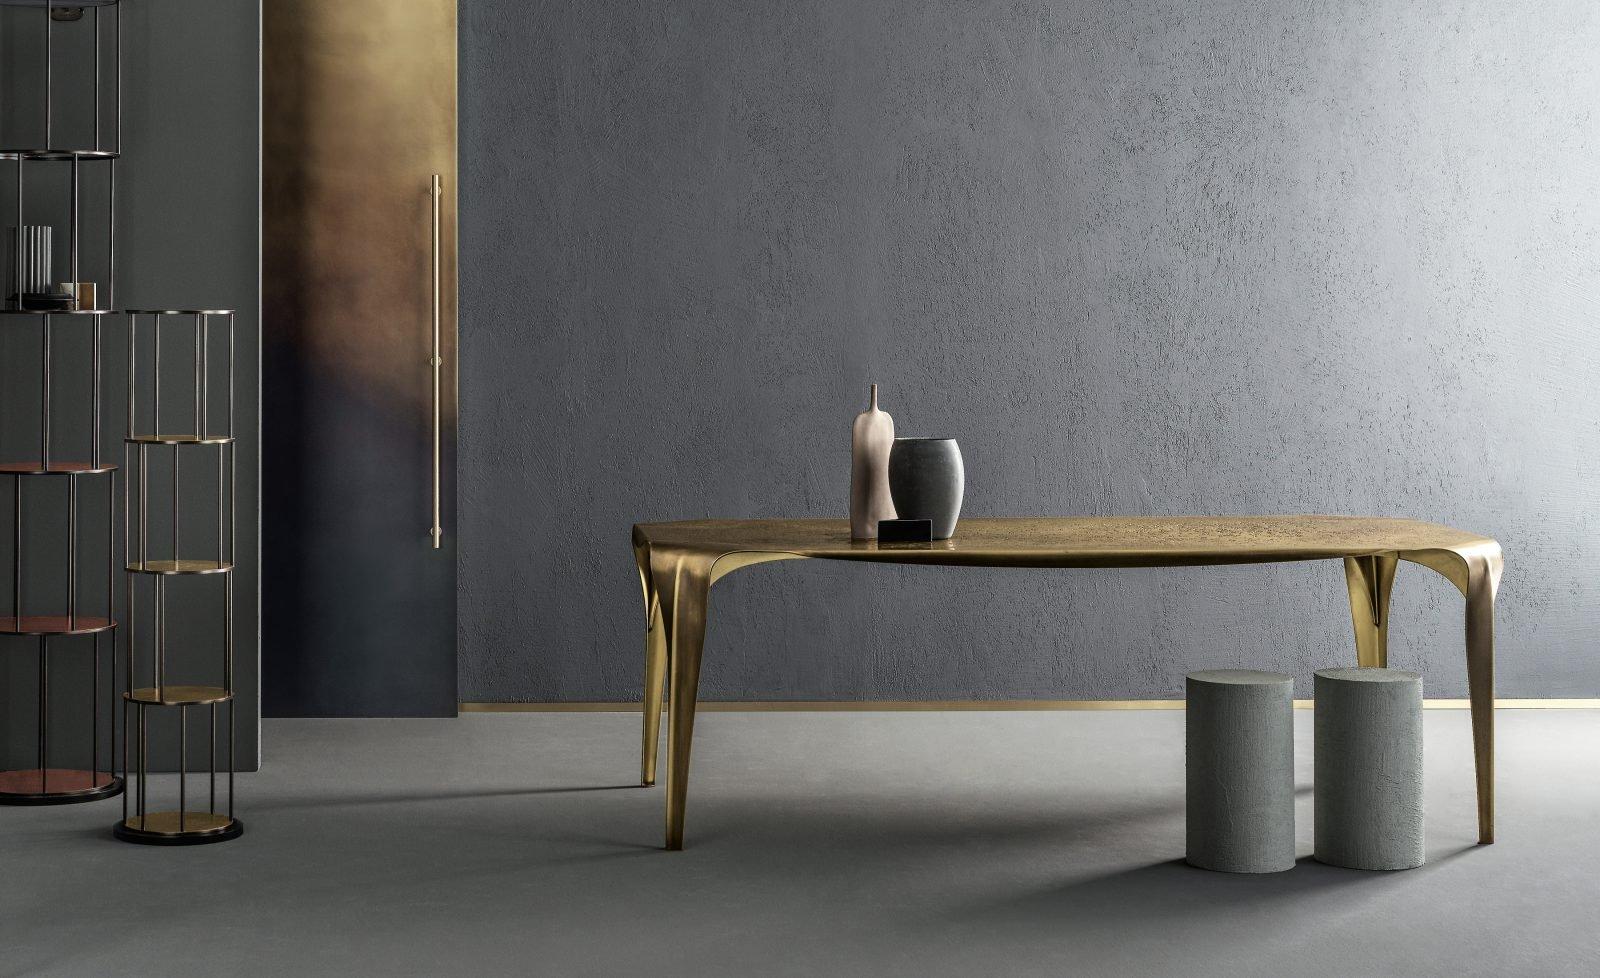 Convivium Table dining from De Castelli